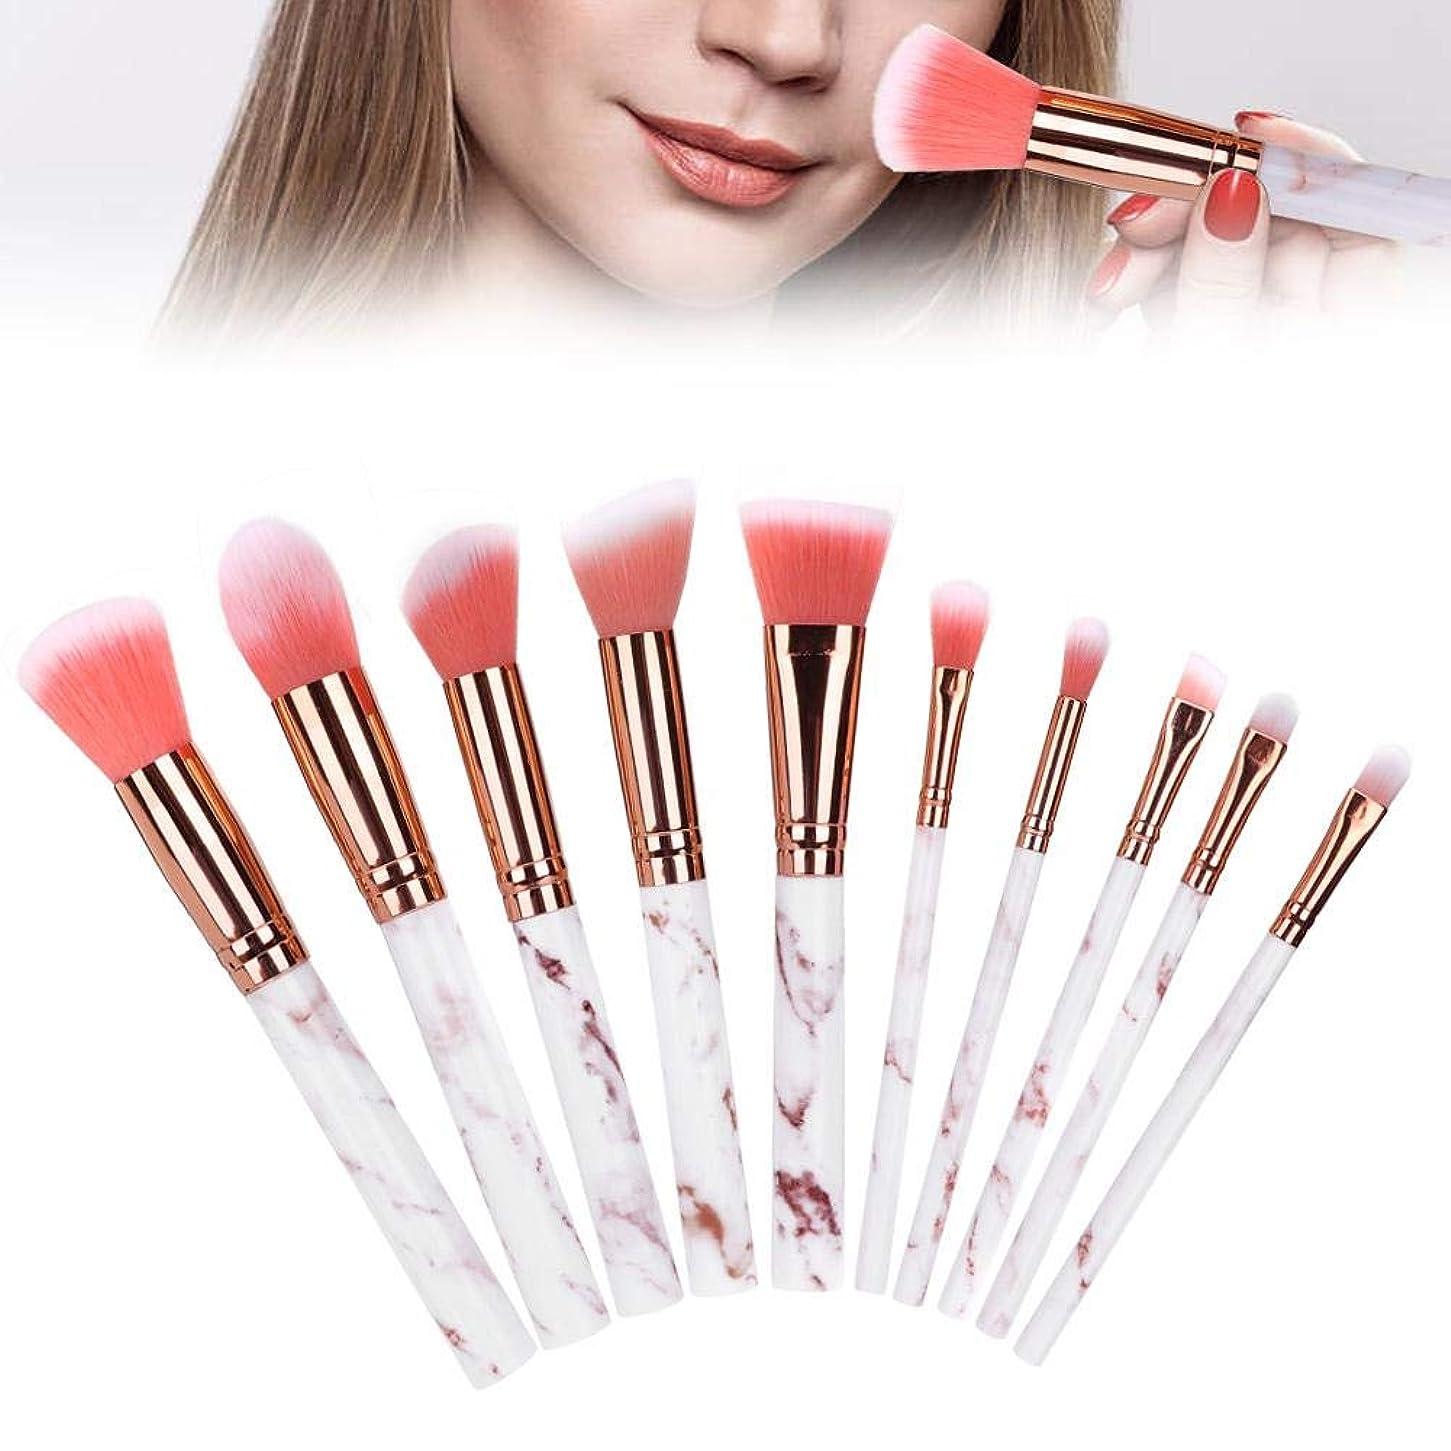 小説家スリンク東ティモール化粧筆セット プロソフト メイクアップ ブラシ 化粧品ブラシセットツール 化粧道具